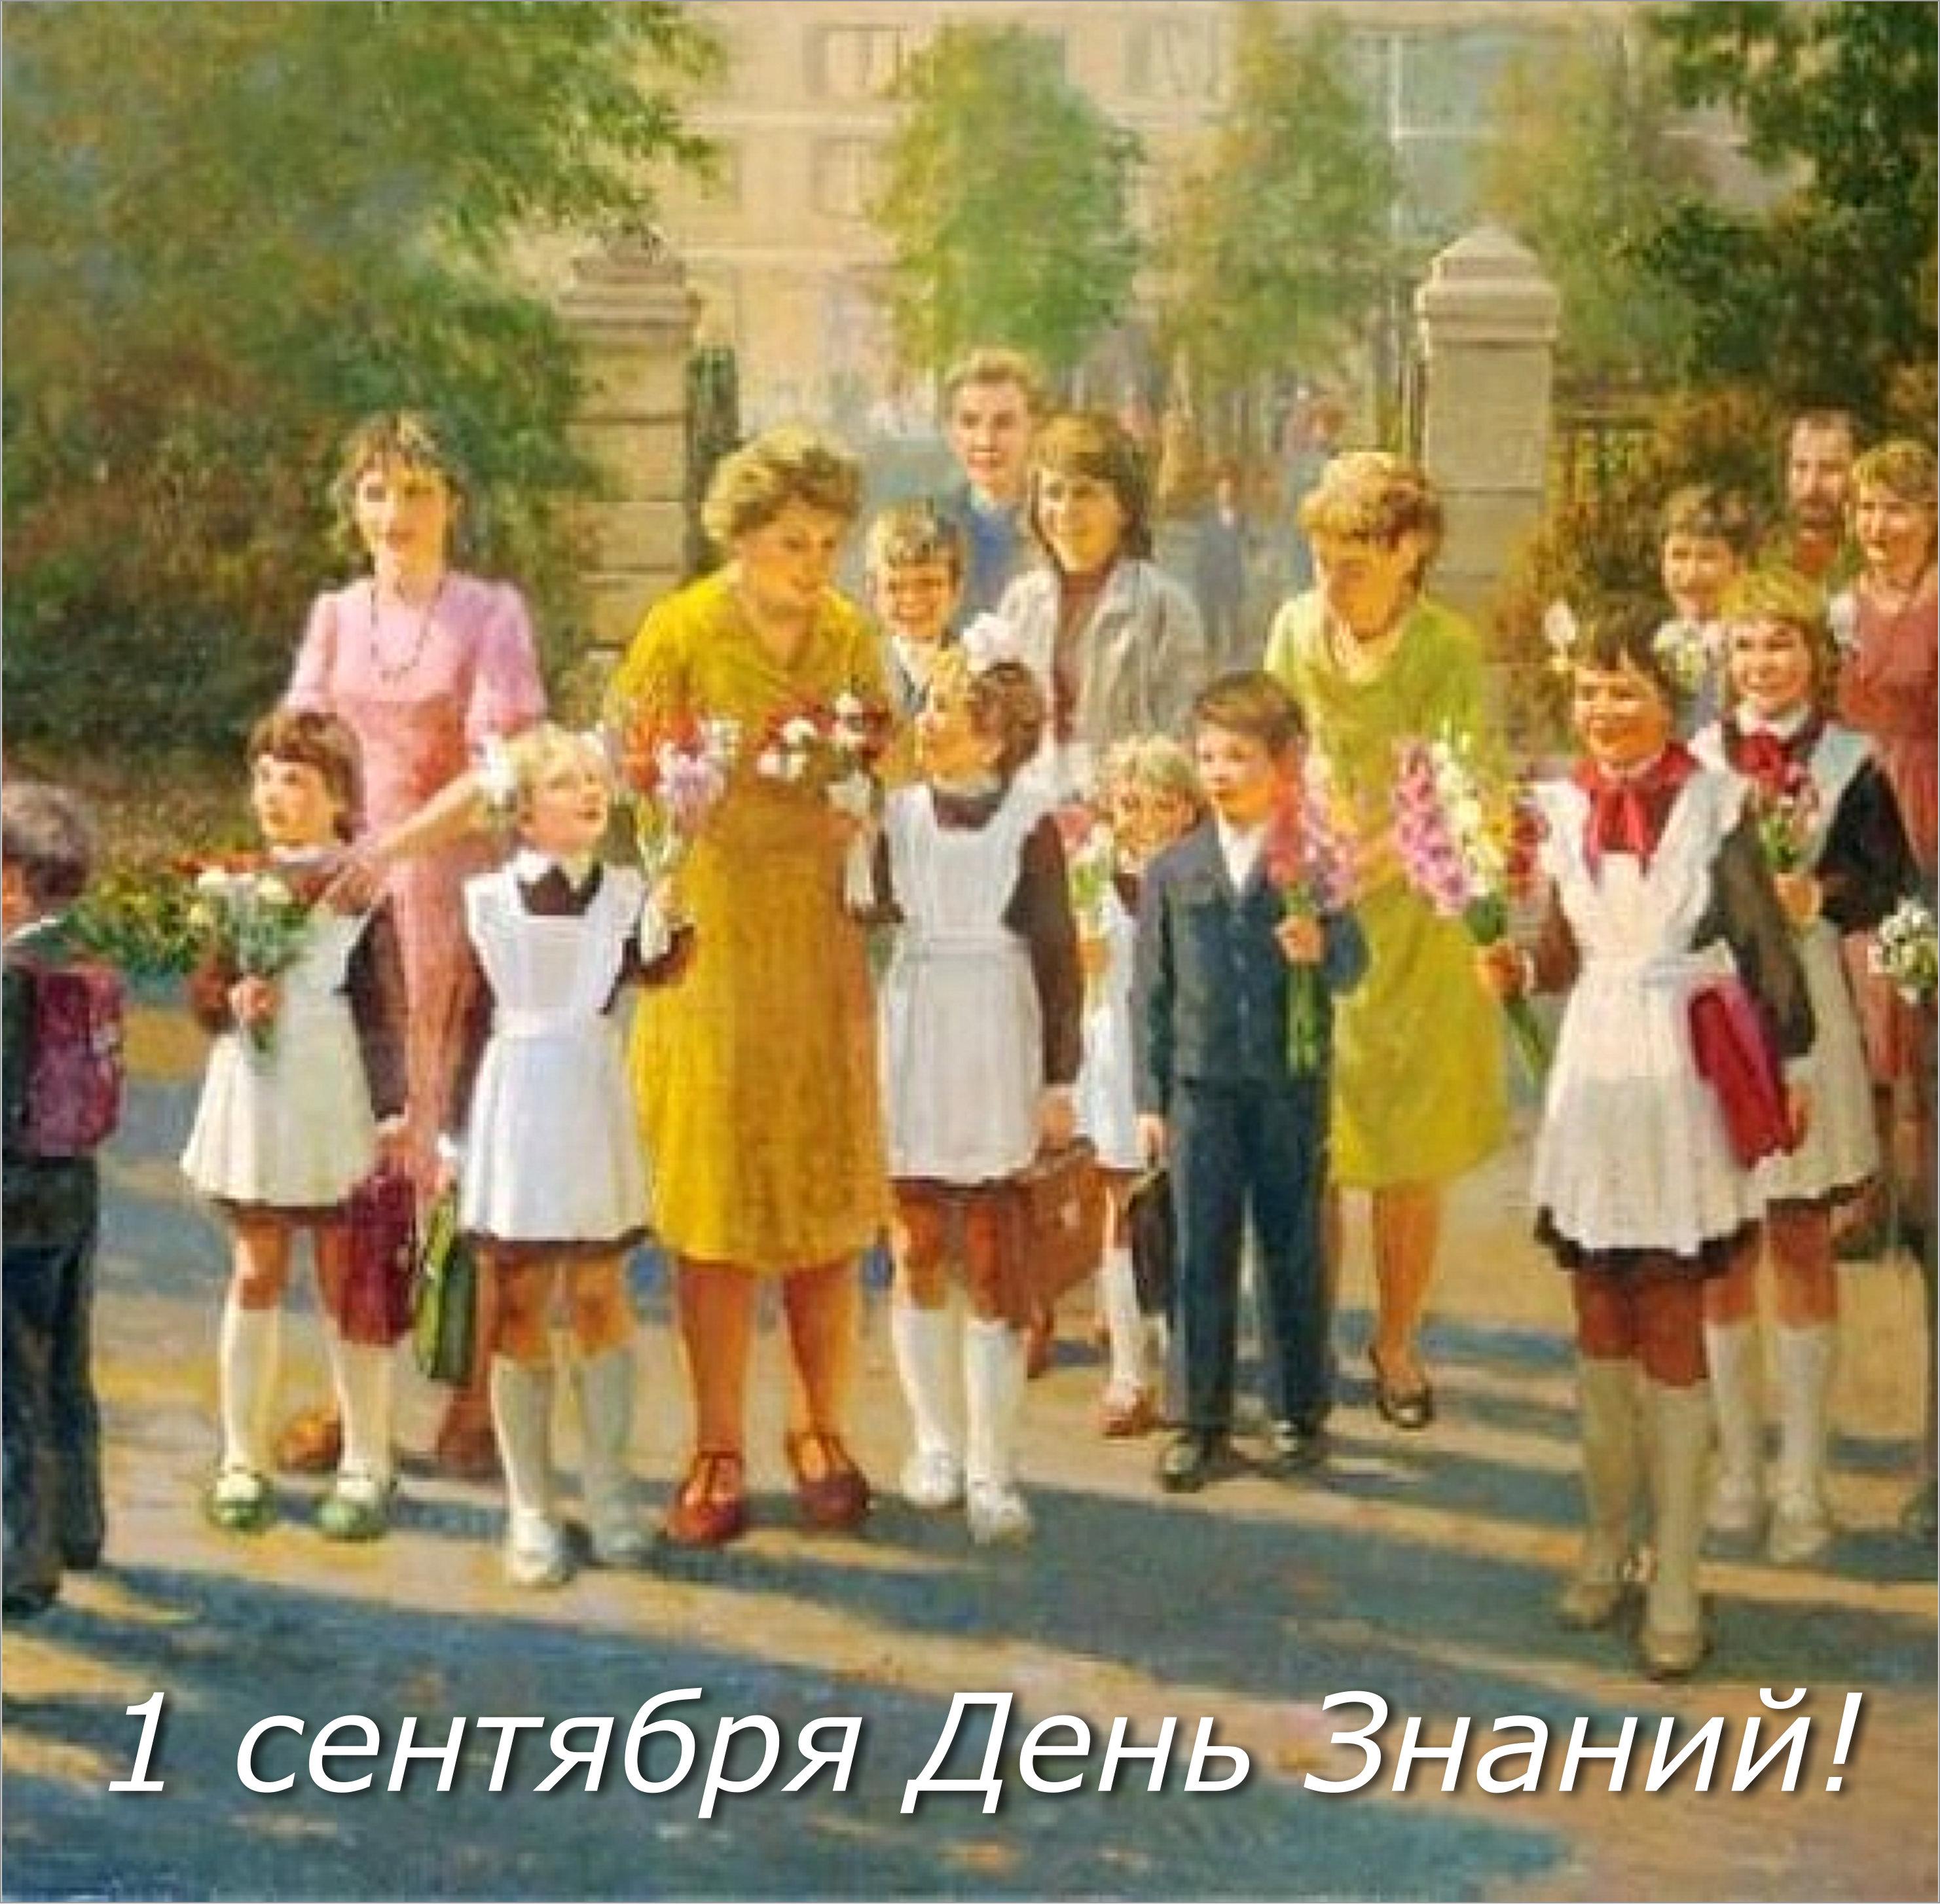 1 Сентября в СССР - фотогалерея